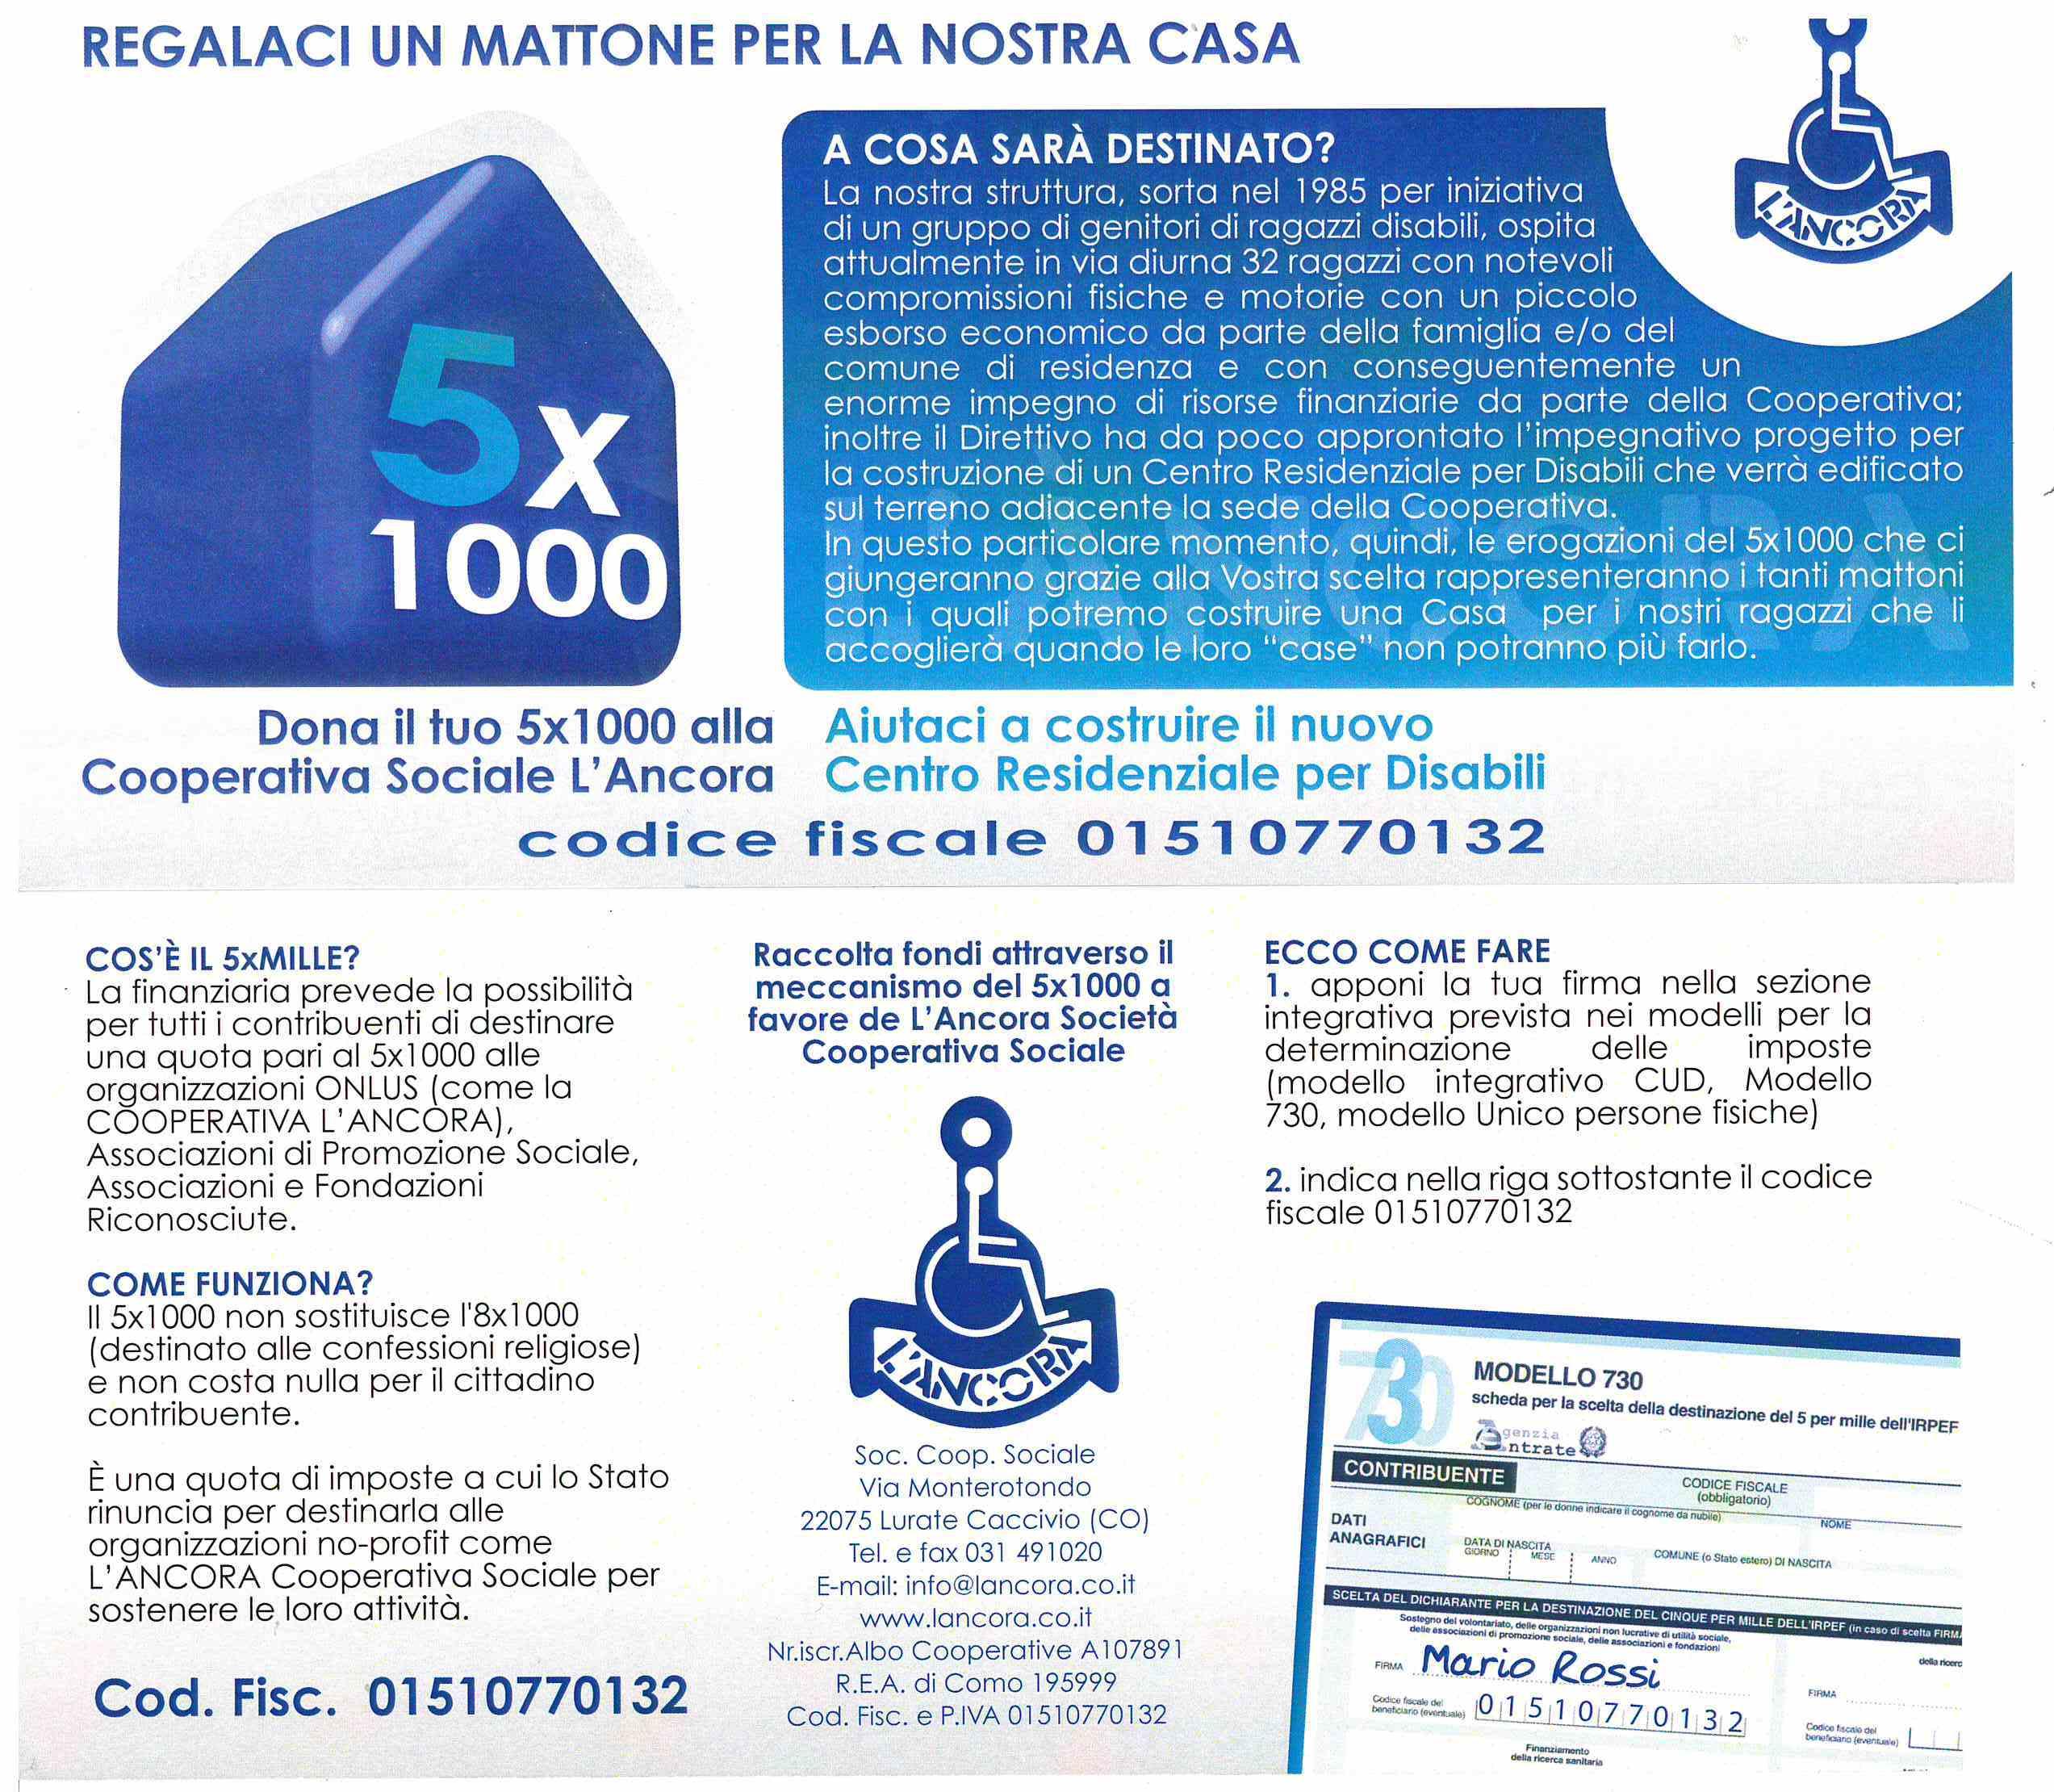 5 X 1000 PRO L'ANCORA 2019